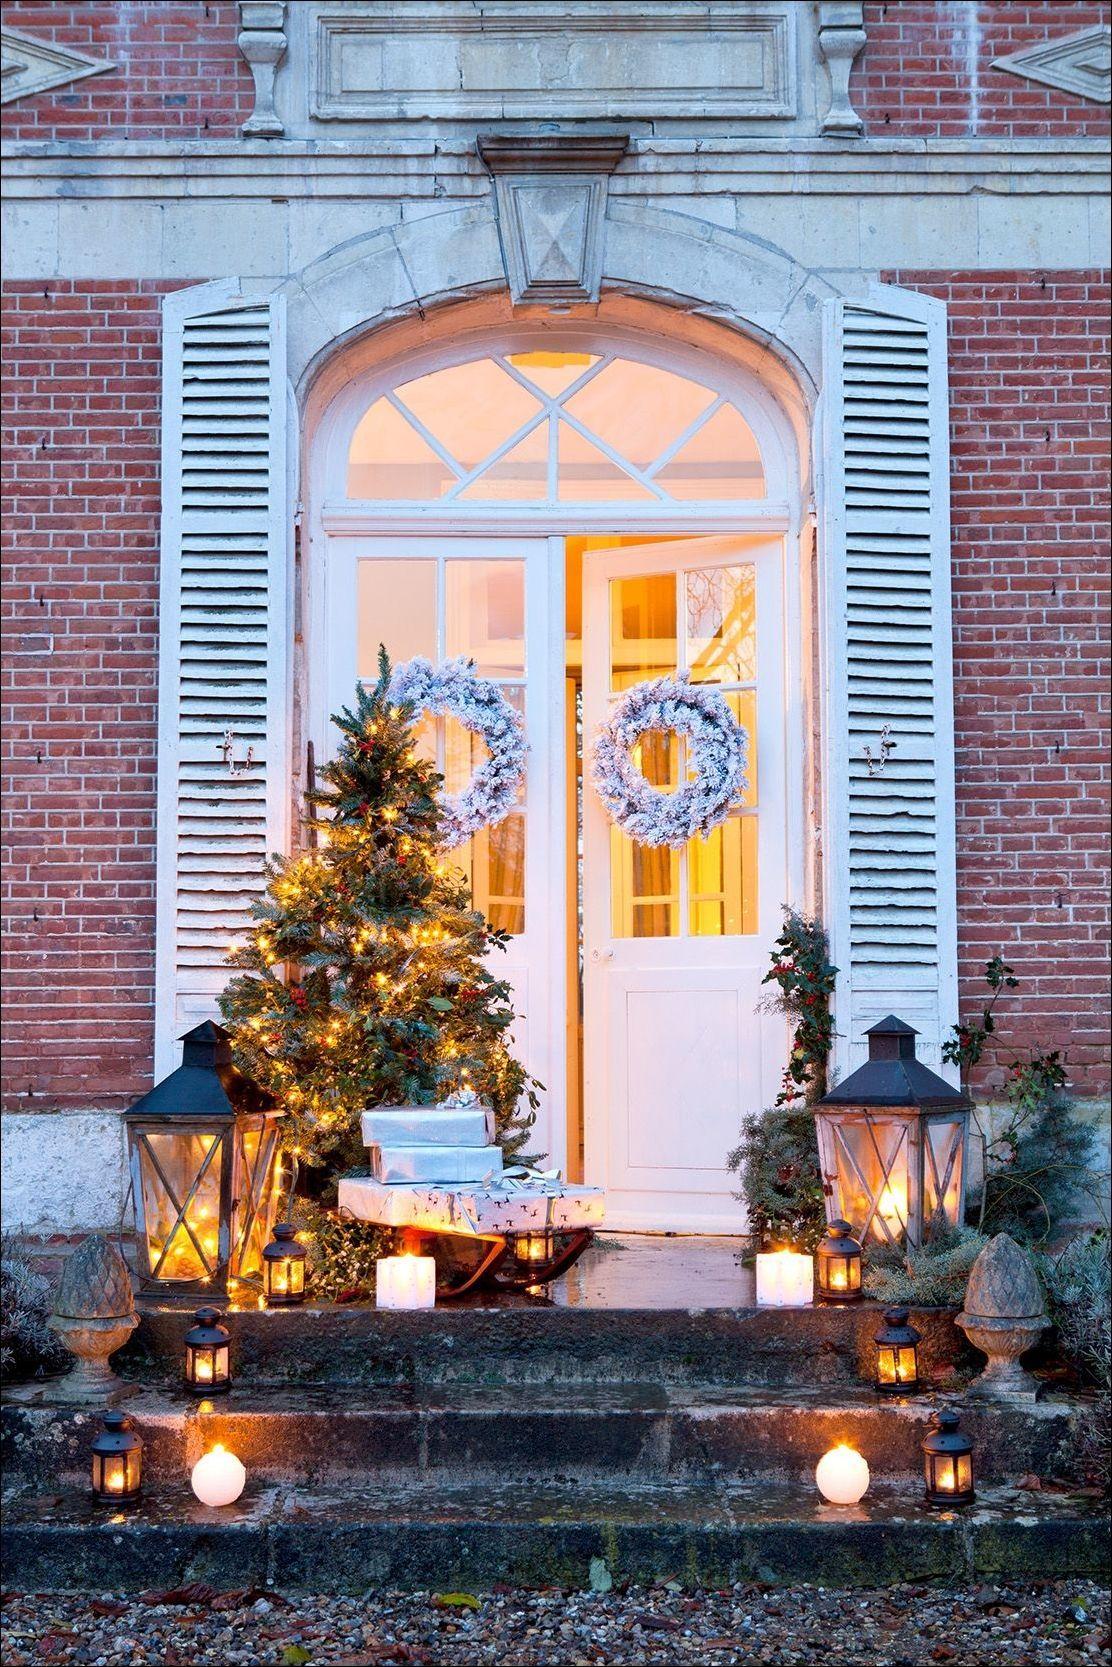 8 Tipps für eine stimmungsvolle Adventszeit – im #dekoeingangsbereichaussen 8 Tipps für eine stimmungsvolle Adventszeit – im | seasonal ... | Weihnachten ☃️ #weihnachtsdekoration #weihnachtsdeko #weihnachten #weihnachtszeit #weihnachtsbraten #weihnachtsbäckerei #weihnachtsbaum #weihnachtenbilder ☃️ #like #love #new #homedecor #quotes  #newyear #rezepte #happy #holiday #christmas #2018 #wedding #art #recipes #thanksgiving #outfits #photography #diy #deco #hausdekoeingangsbereichaussen